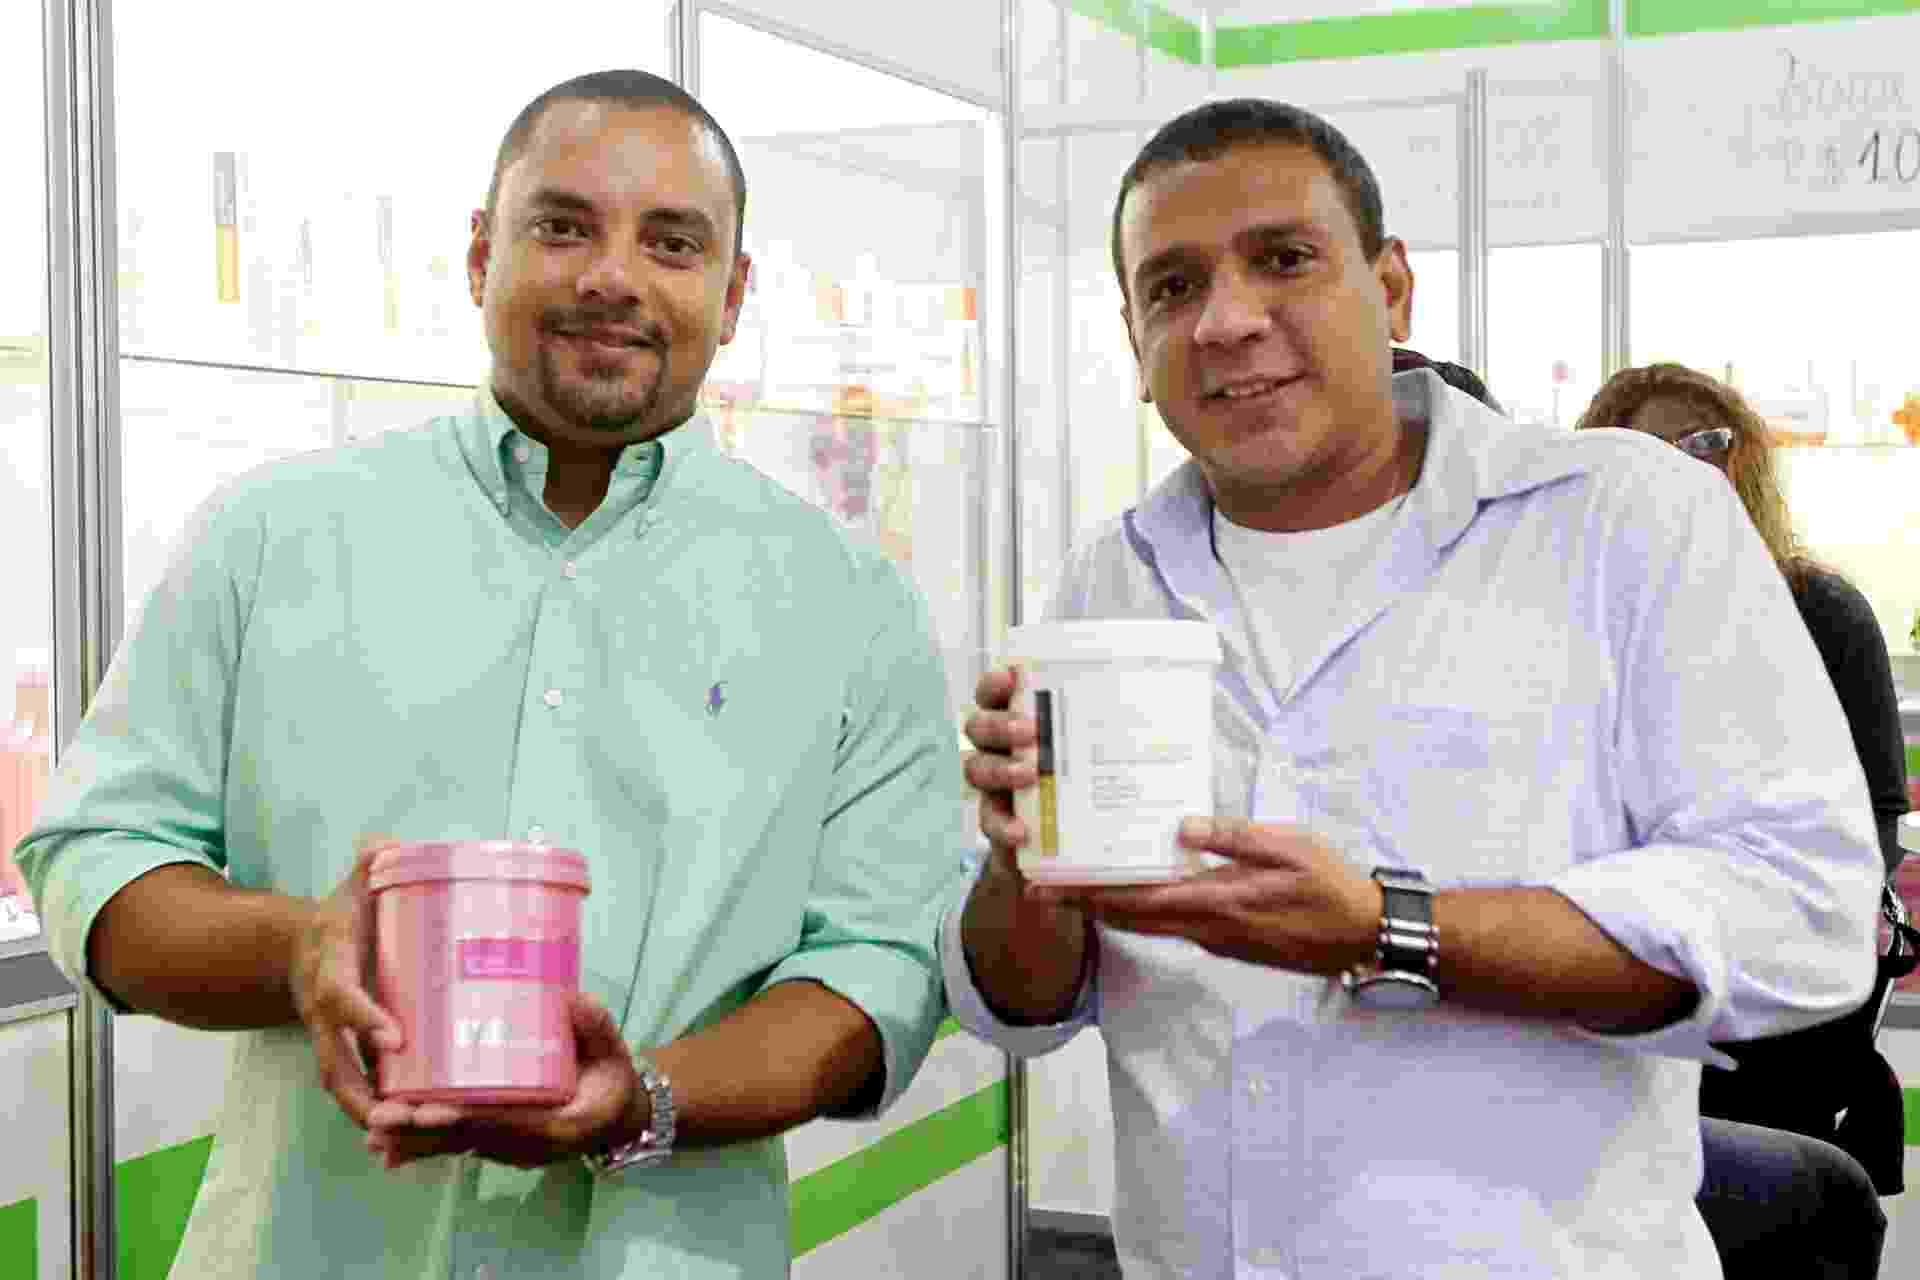 Empresários Alex Ferreira (à esq.) e Marcos Lima são fundadores da For Beauty, empresa que fabrica produtos profissionais para cabelos - Reinaldo Canato/UOL